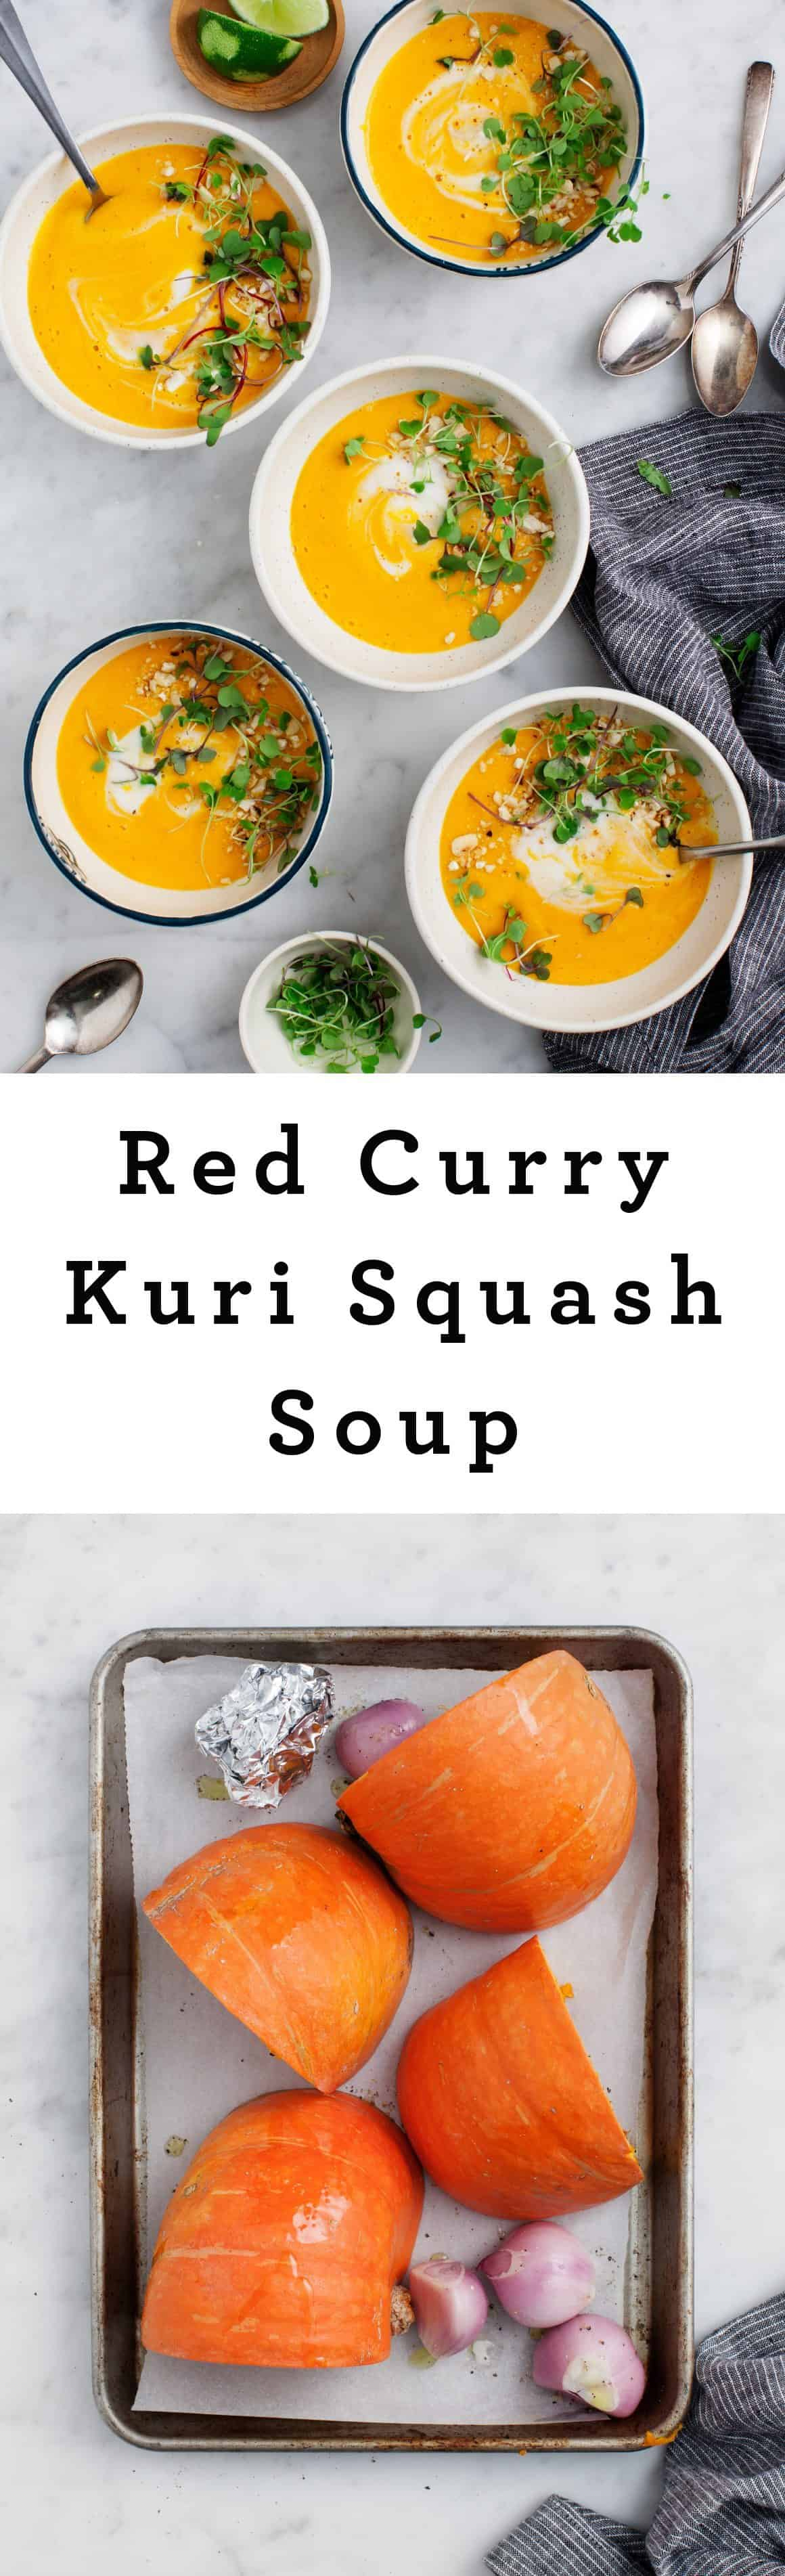 Red Curry Kuri Squash Soup